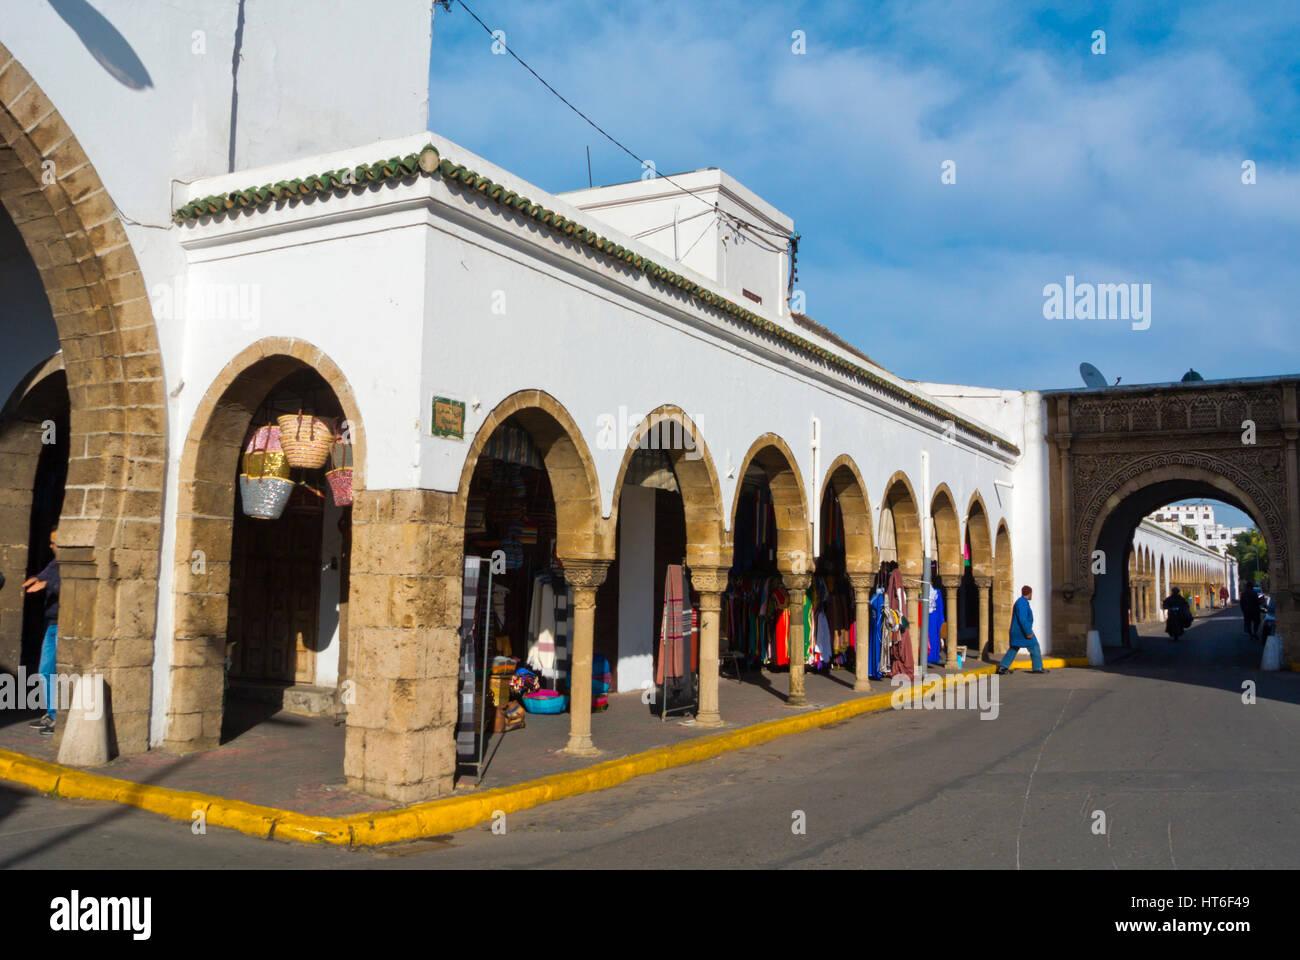 Quartier des Habous, Nouvelle Medina, Casablanca, Morocco - Stock Image